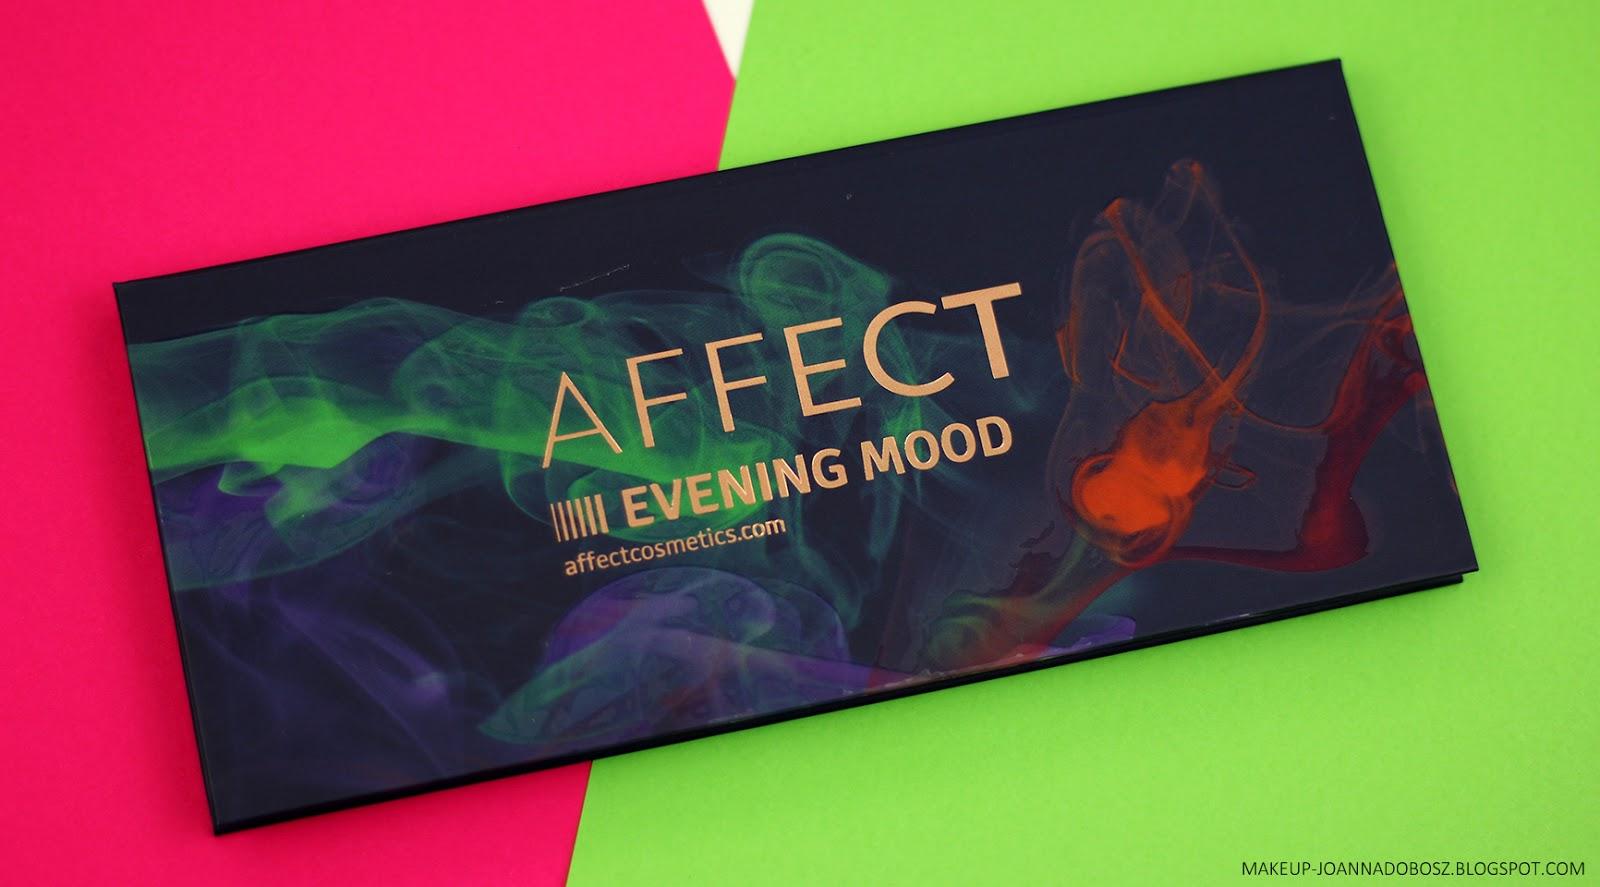 NASTROJOWY WIECZÓR -  recenzja palety Evening Mood od Affect Cosmetics